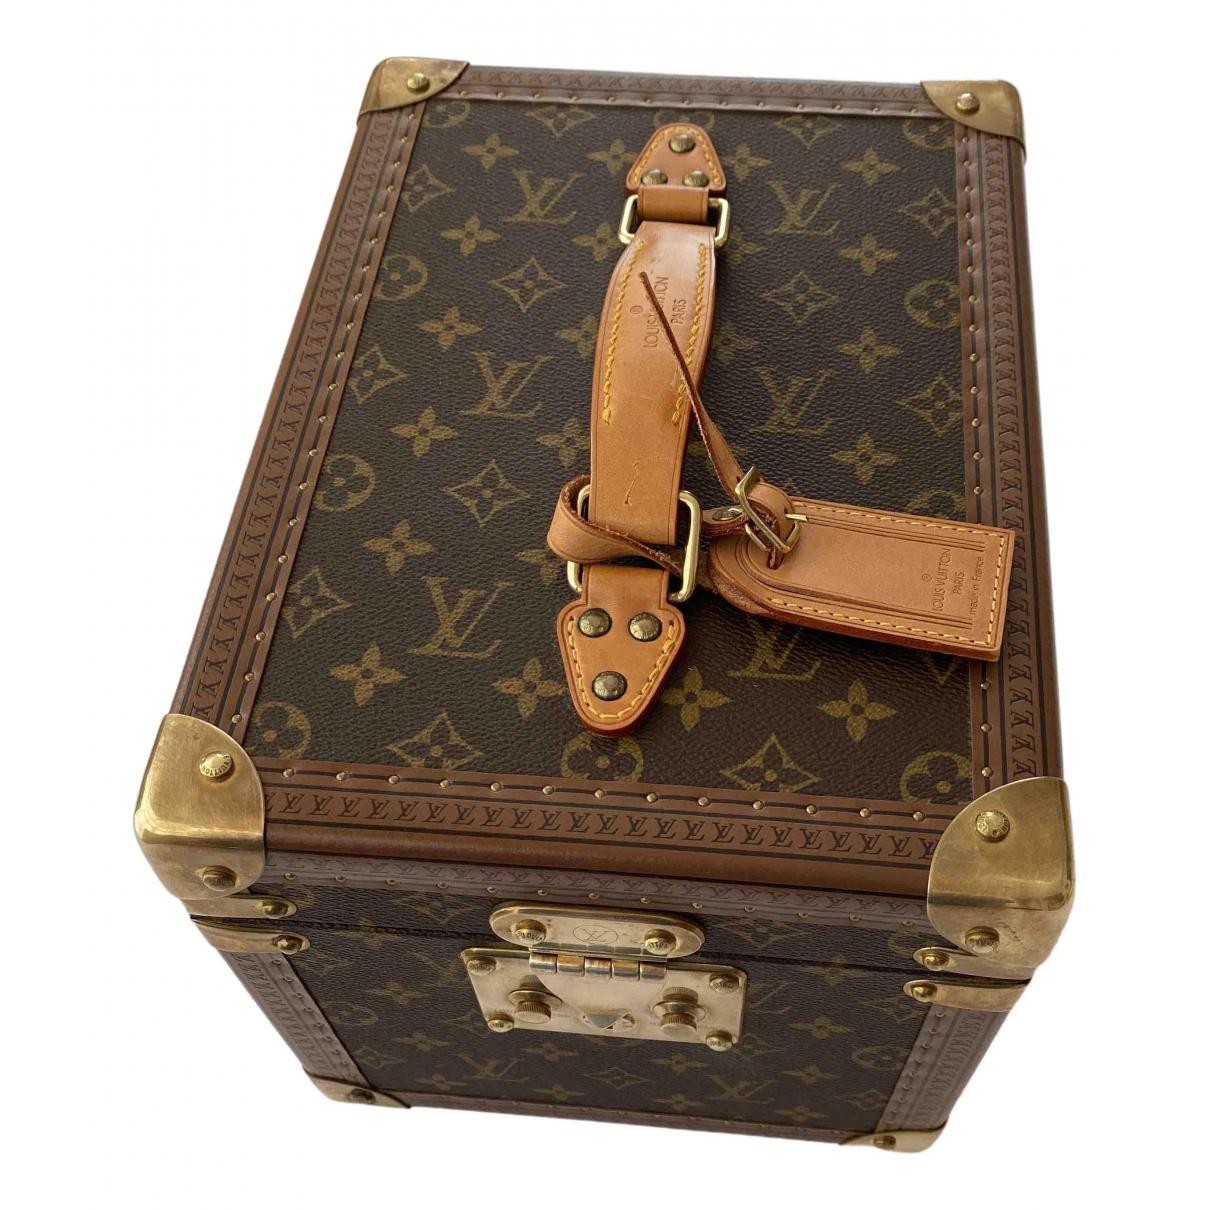 Louis Vuitton - Voyages Boite a Flacons pour lifestyle en autre - marron